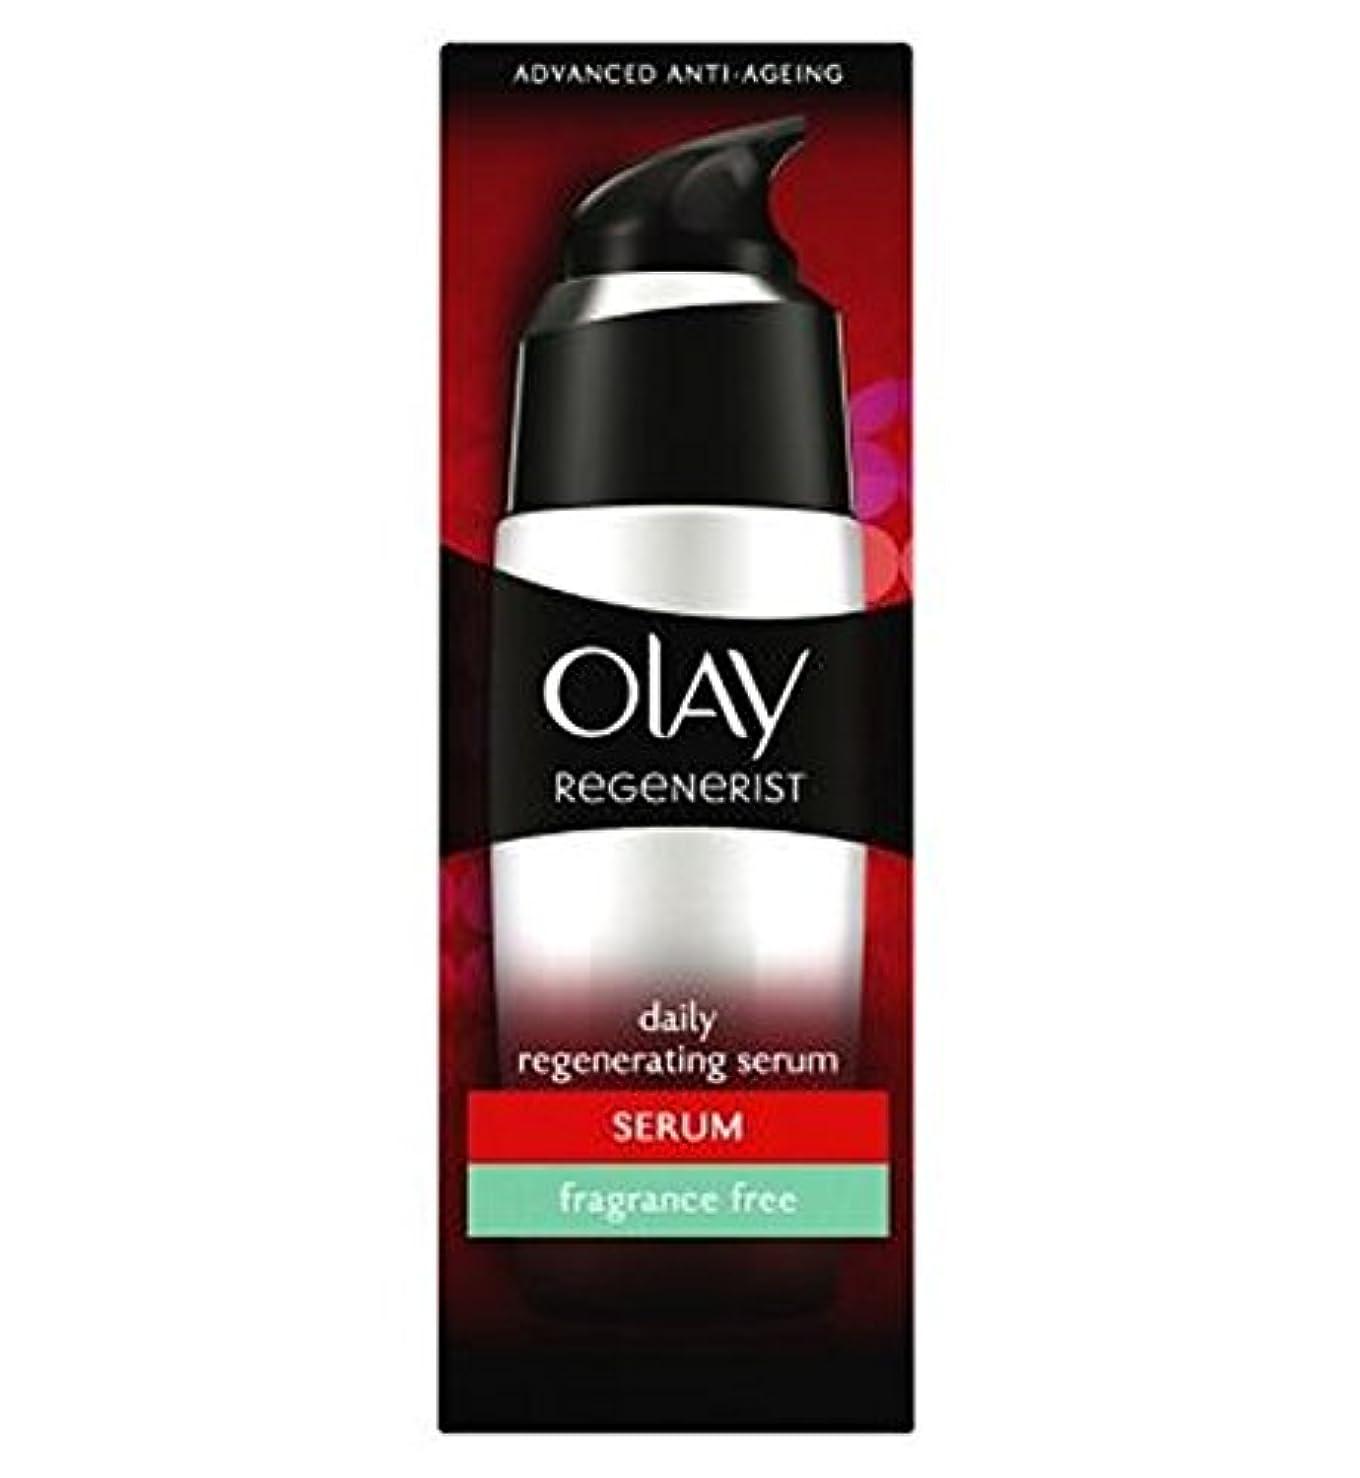 有毒な内部追い払うオーレイリジェネ再生血清無香料50ミリリットル (Olay) (x2) - Olay Regenerist Regenerating Serum Fragrance Free 50ml (Pack of 2) [並行輸入品]